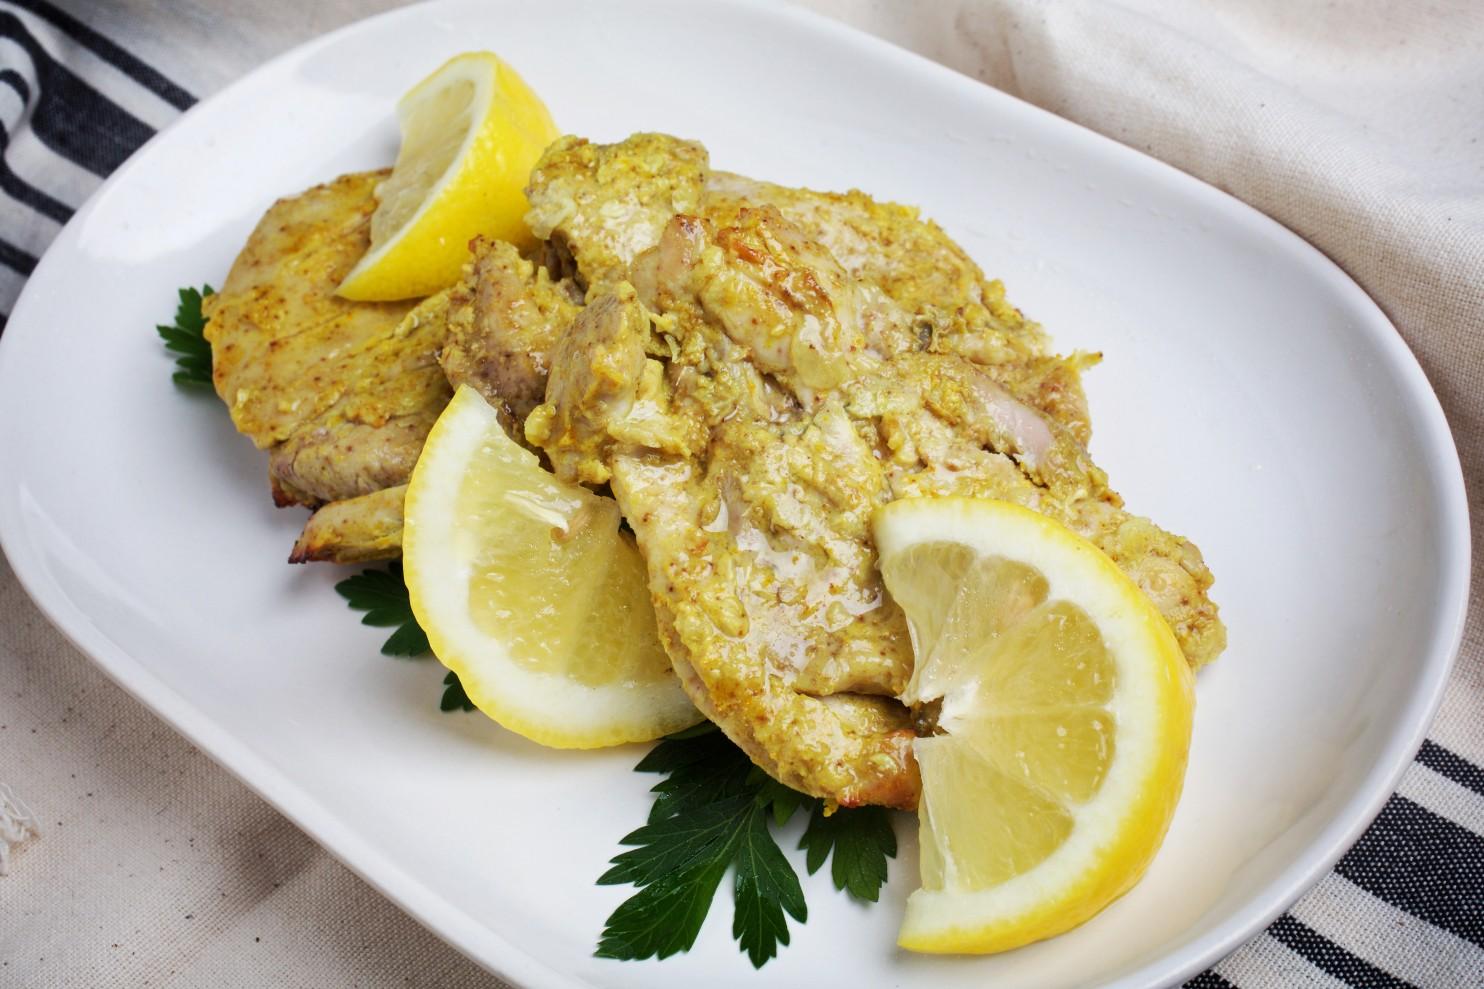 Tandoori-Style Chicken Thighs